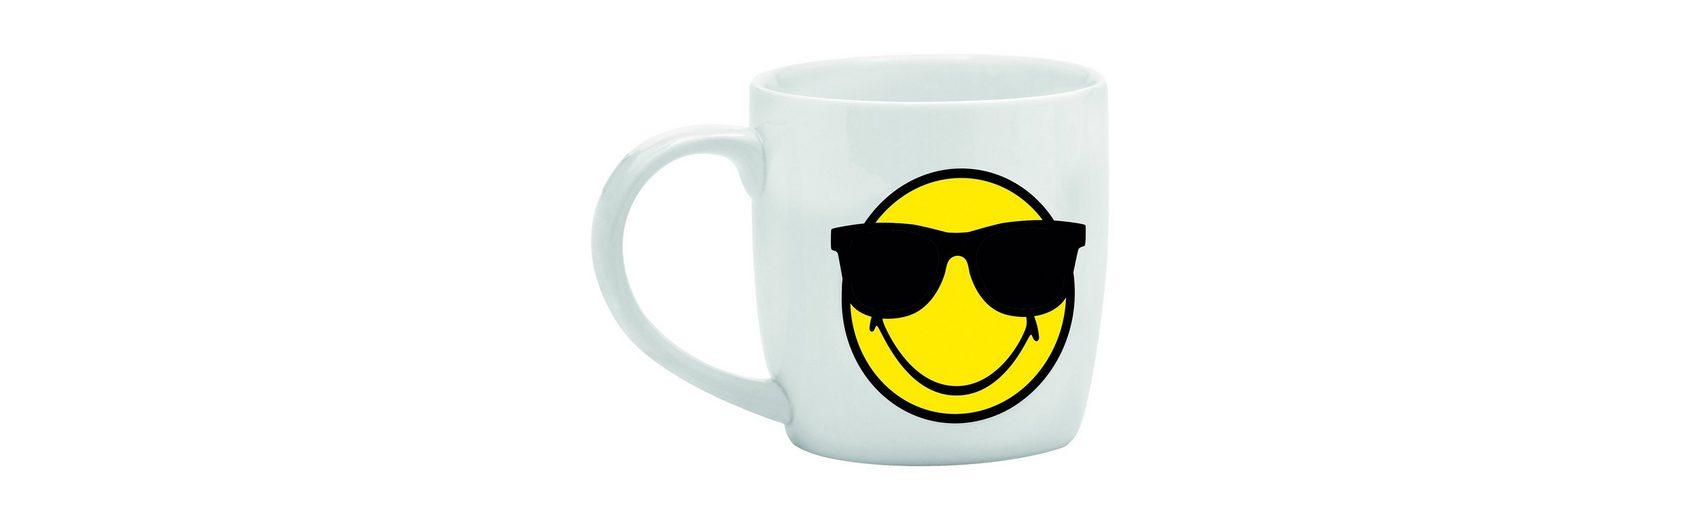 Smiley Tasse, weiß